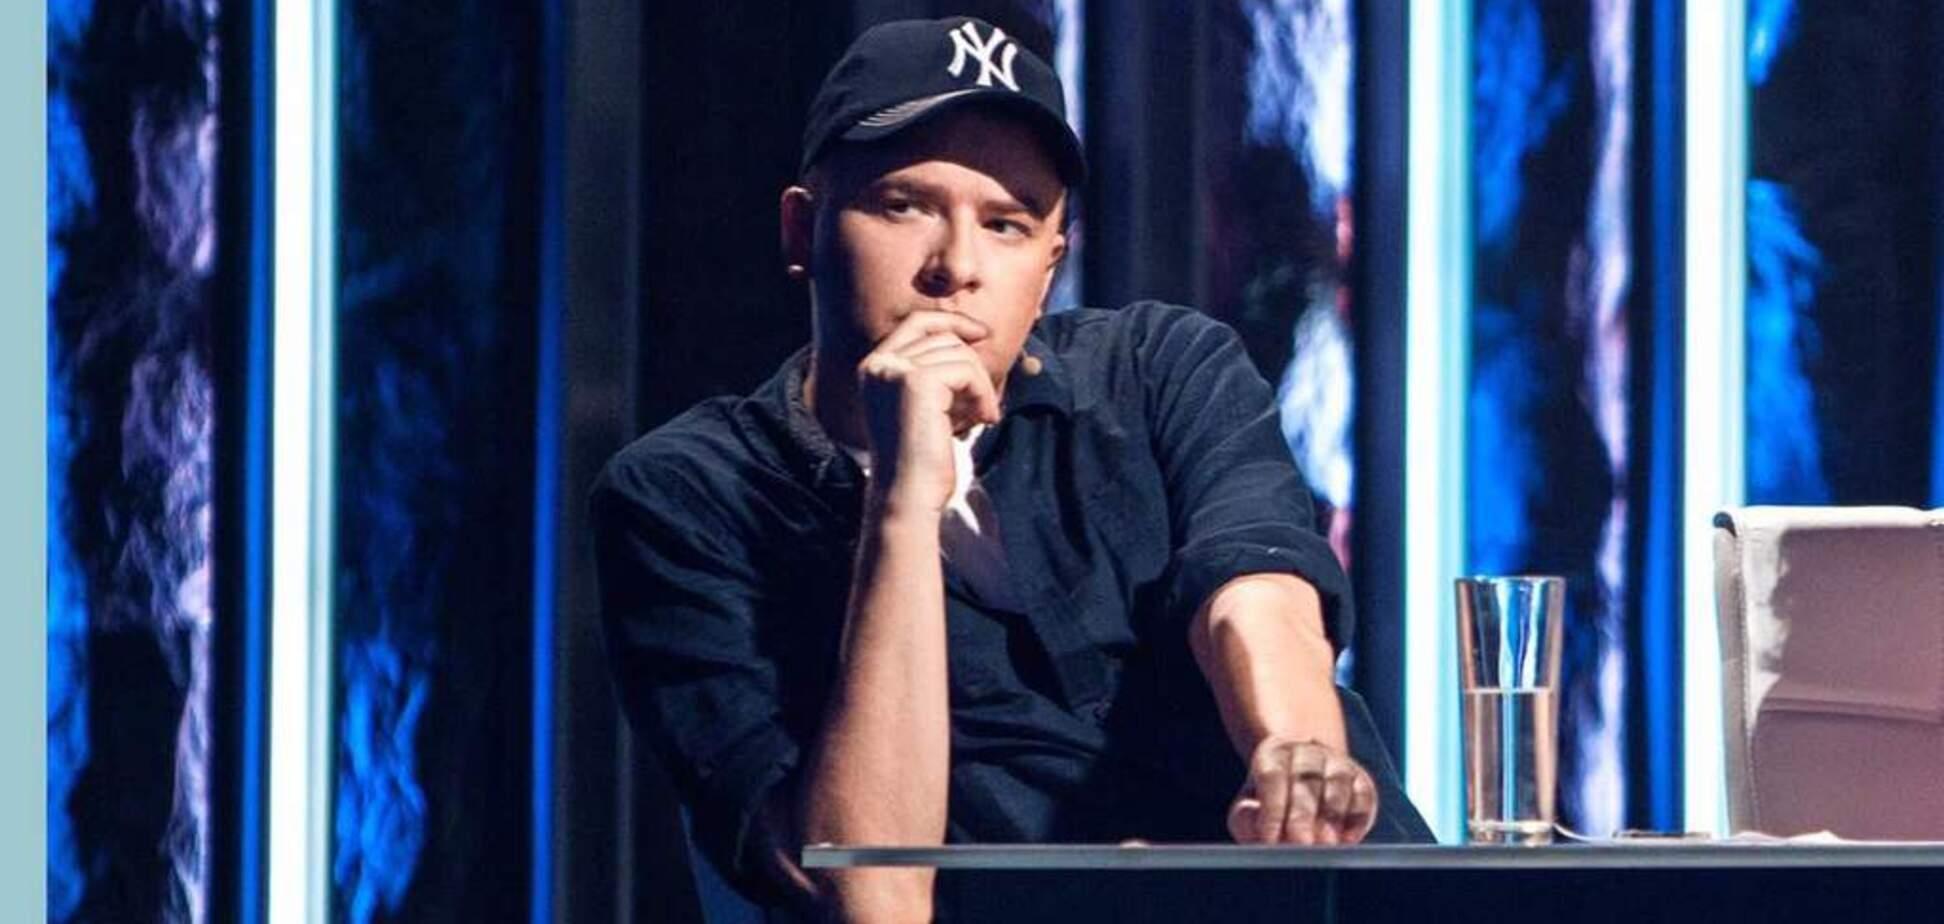 ''Я помню 2007-й. Меня уничтожали'': Данилко о KAZKA и спорах вокруг Нацотбора на Евровидение